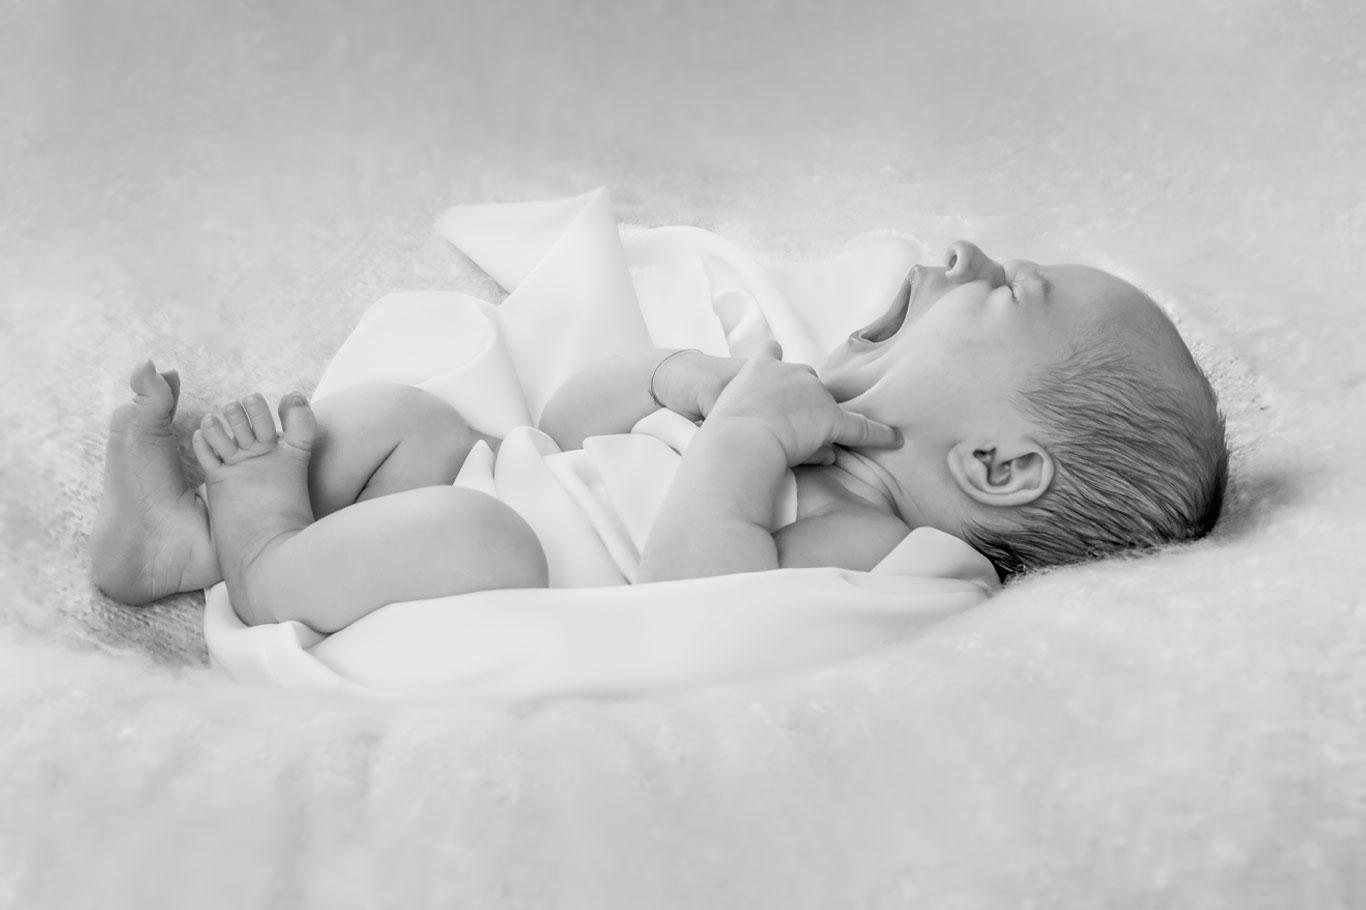 monohromatska slika bebe kako zeva